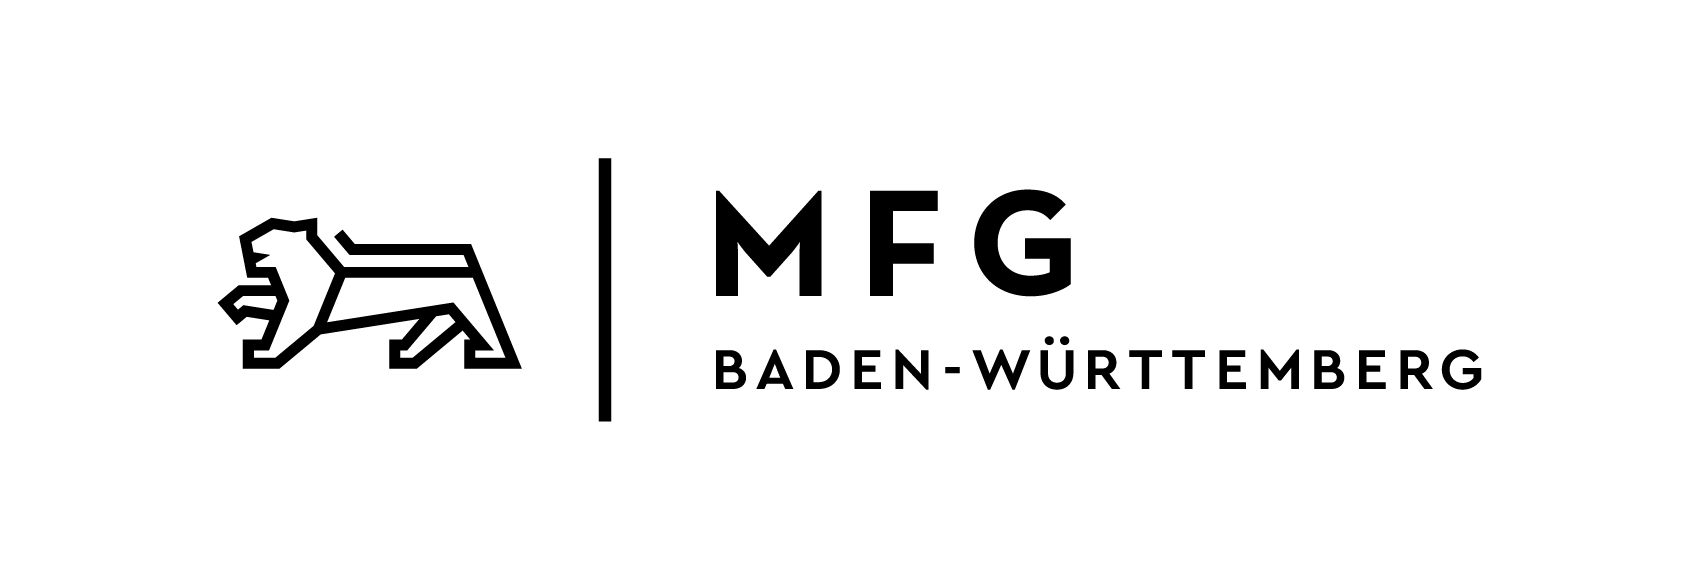 Medien und Filmgesellschaft Baden-Württemberg